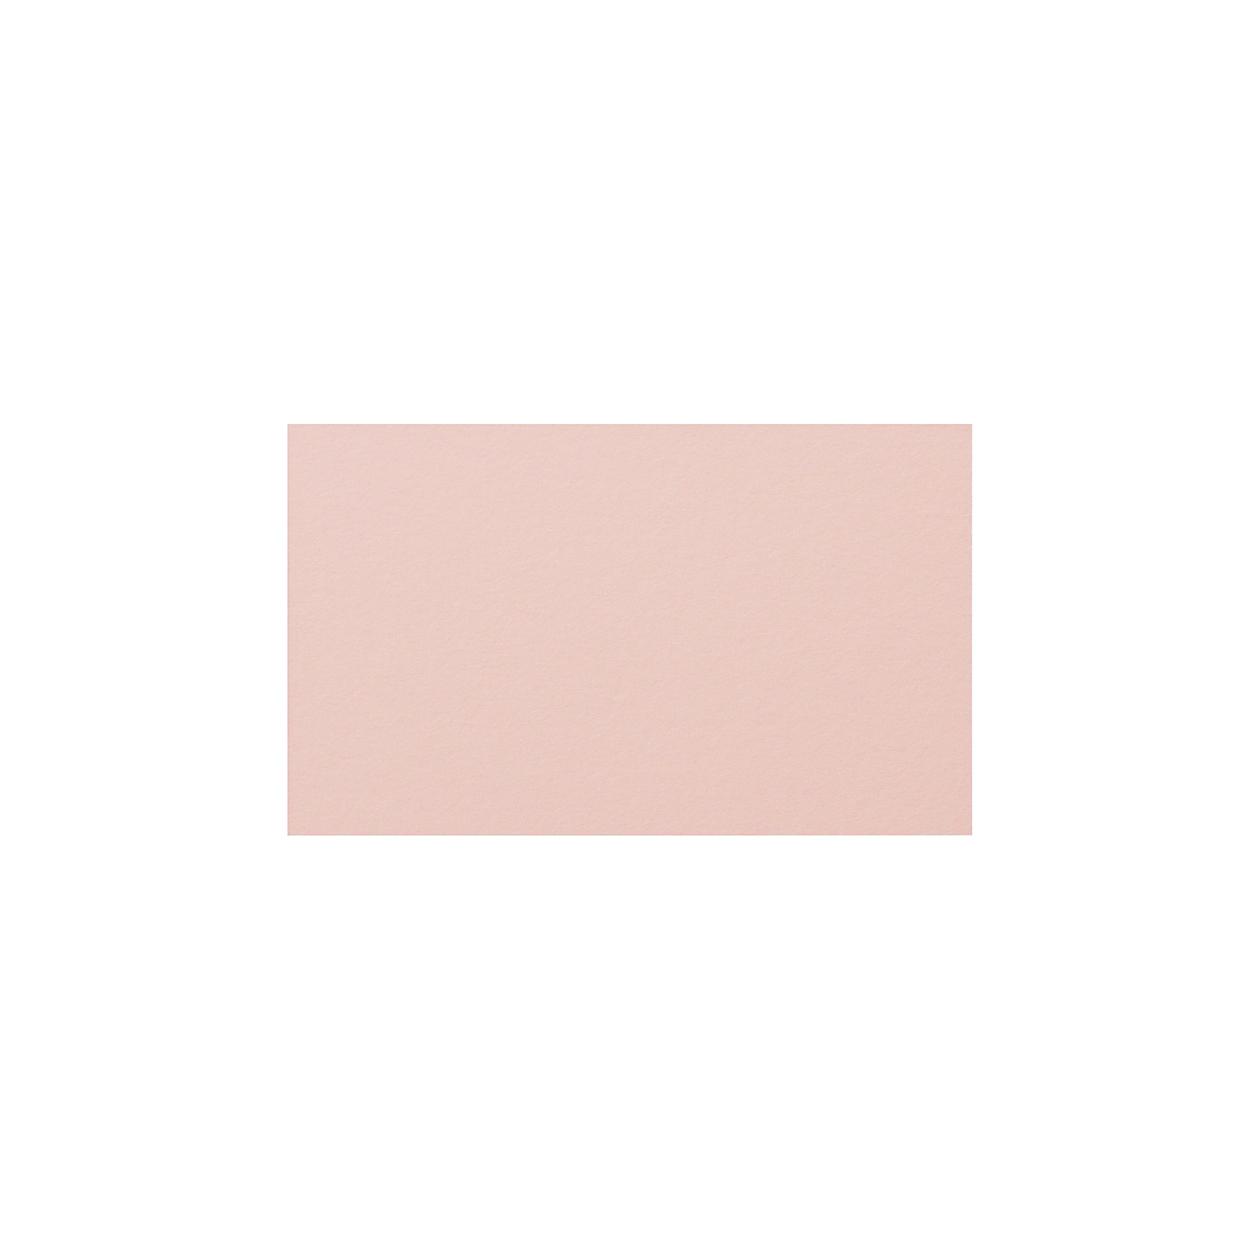 サンプル カード・シート 00318